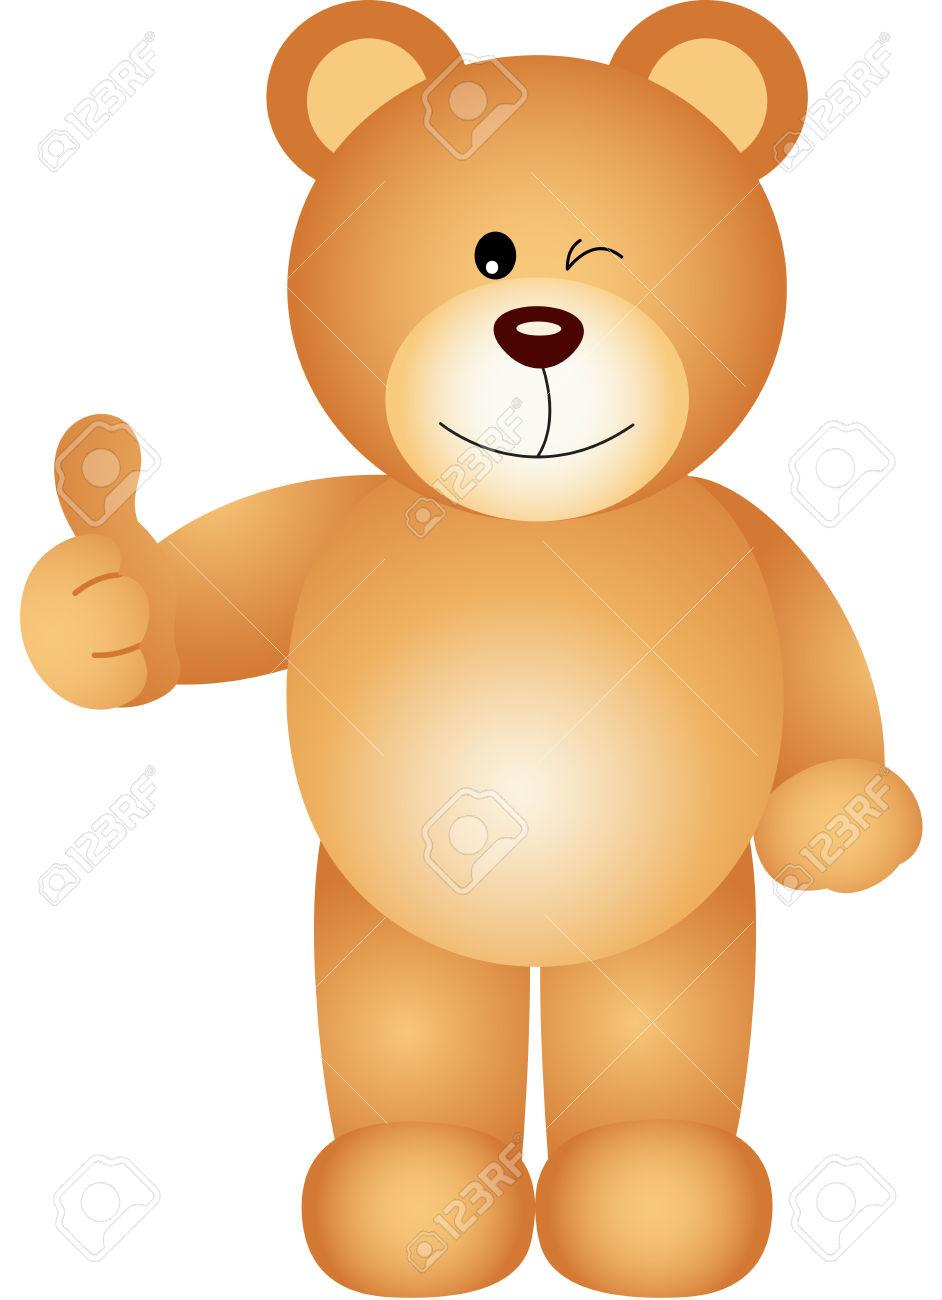 Kind daumen hoch clipart jpg black and white Teddybär, Den Daumen Hoch Zeichen Lizenzfrei Nutzbare ... jpg black and white